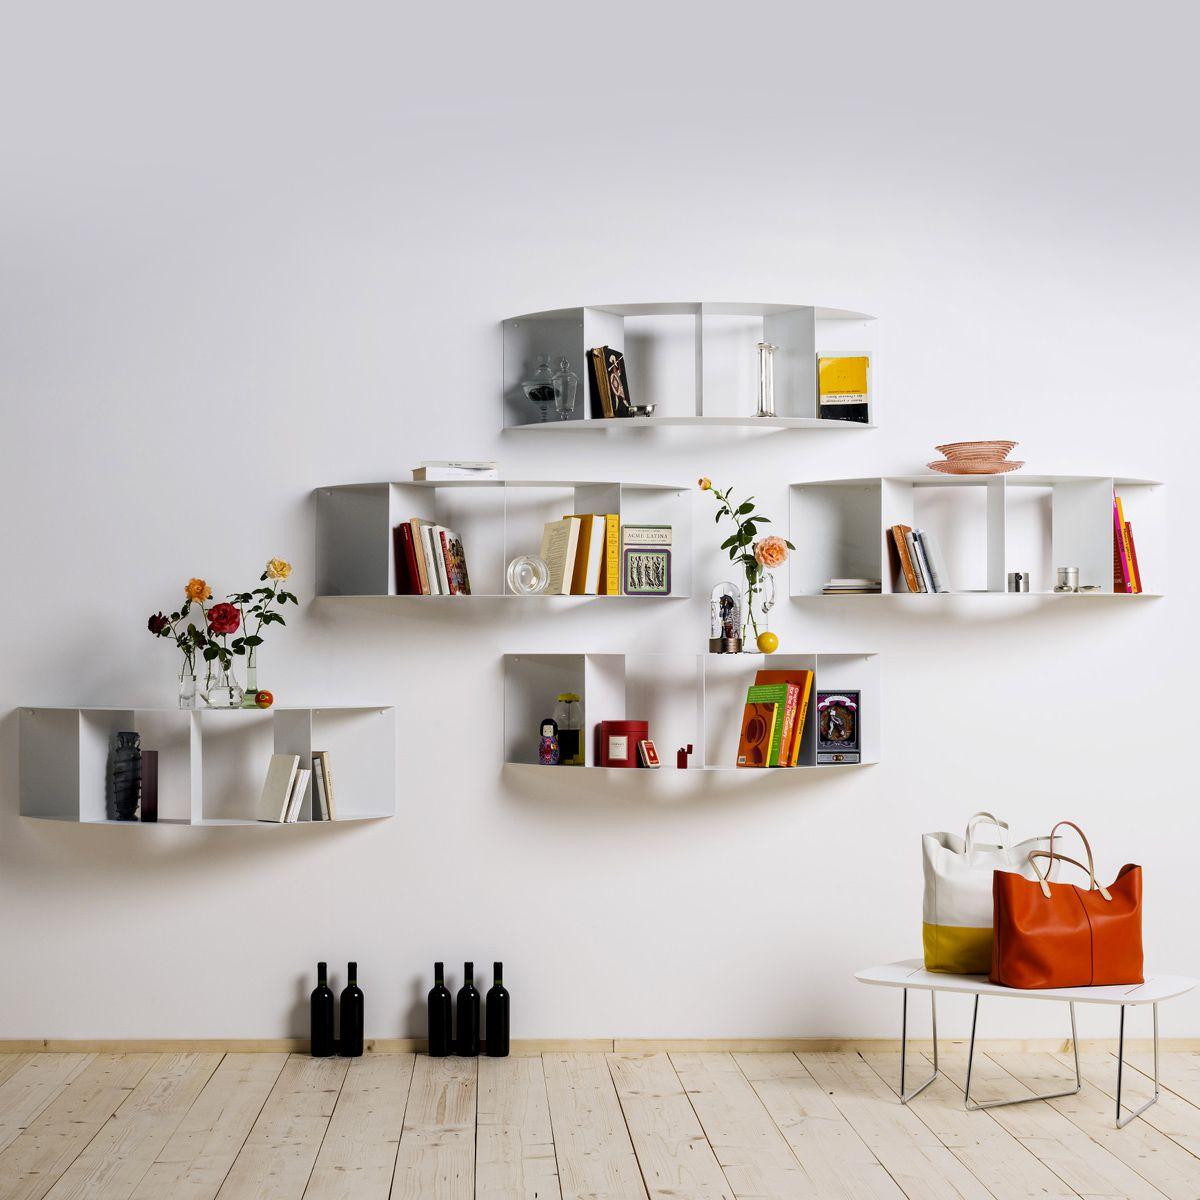 la d coration murale deco maison design. Black Bedroom Furniture Sets. Home Design Ideas